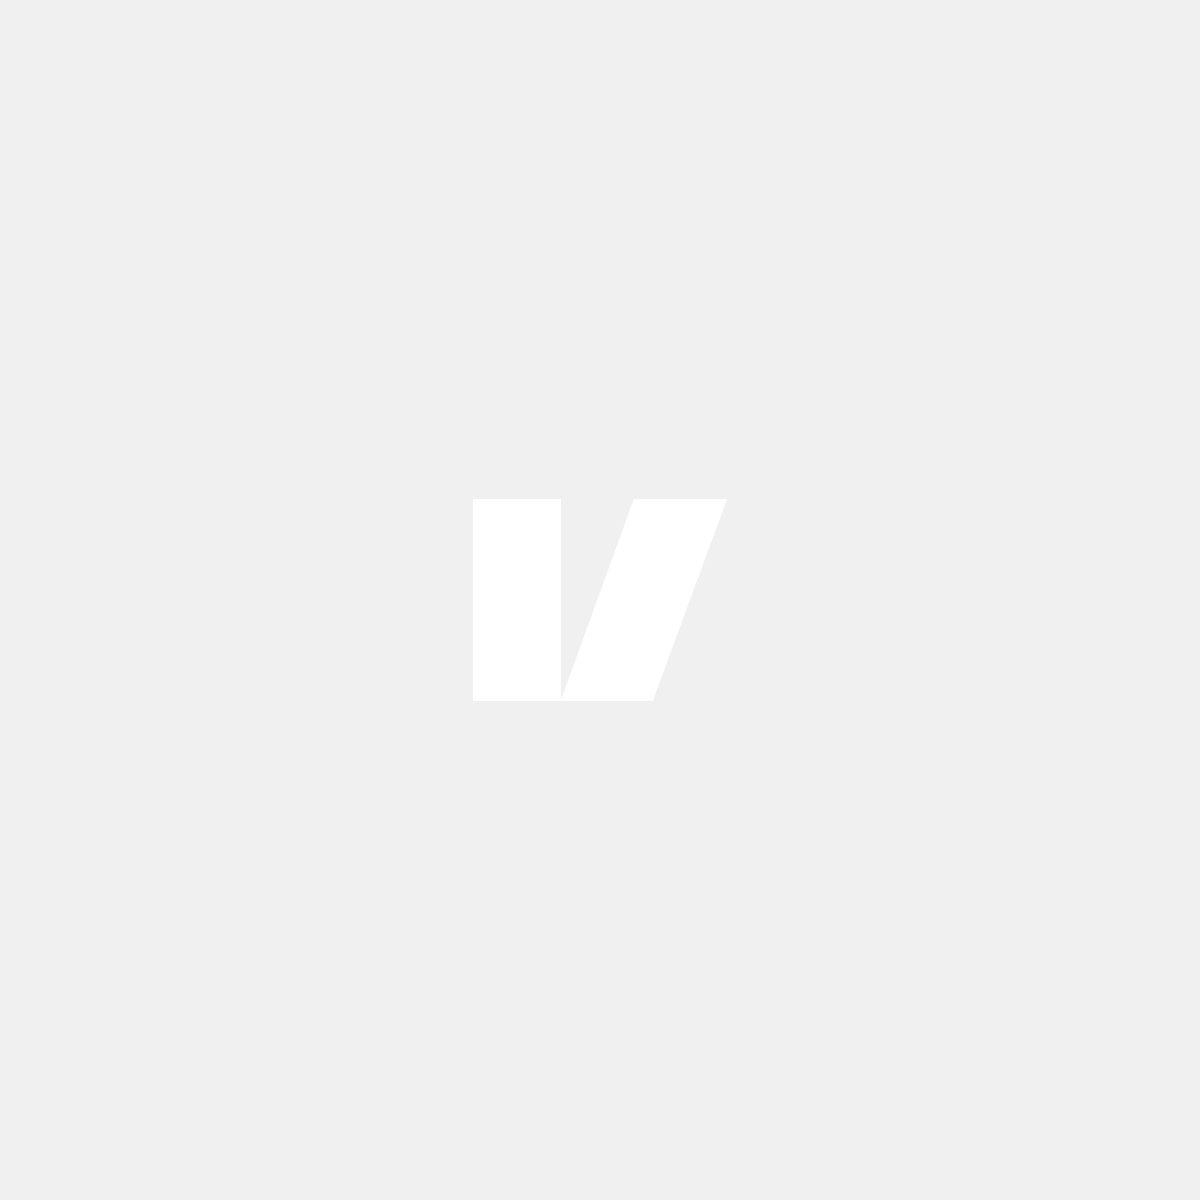 Bakljus klarglas till Volvo V70, XC70 01-07, vänster övre